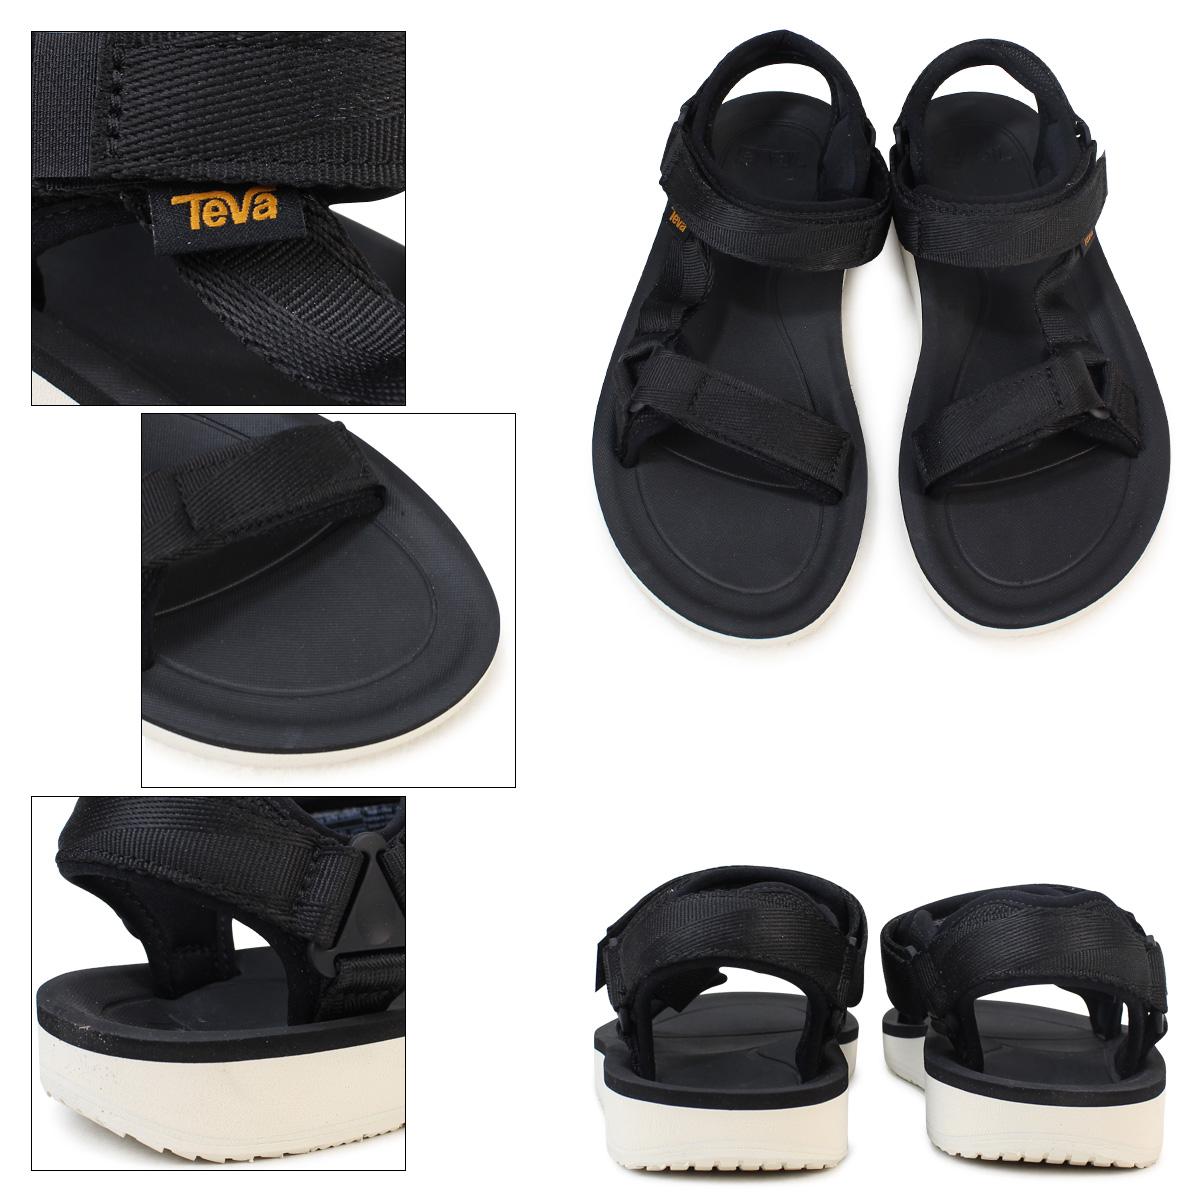 5d558f681d37 Teva Teva sandals Lady s original universal premiere ORIGINAL UNIVERSAL  PREMIER WOMEN 1016935  3 14 Shinnyu load